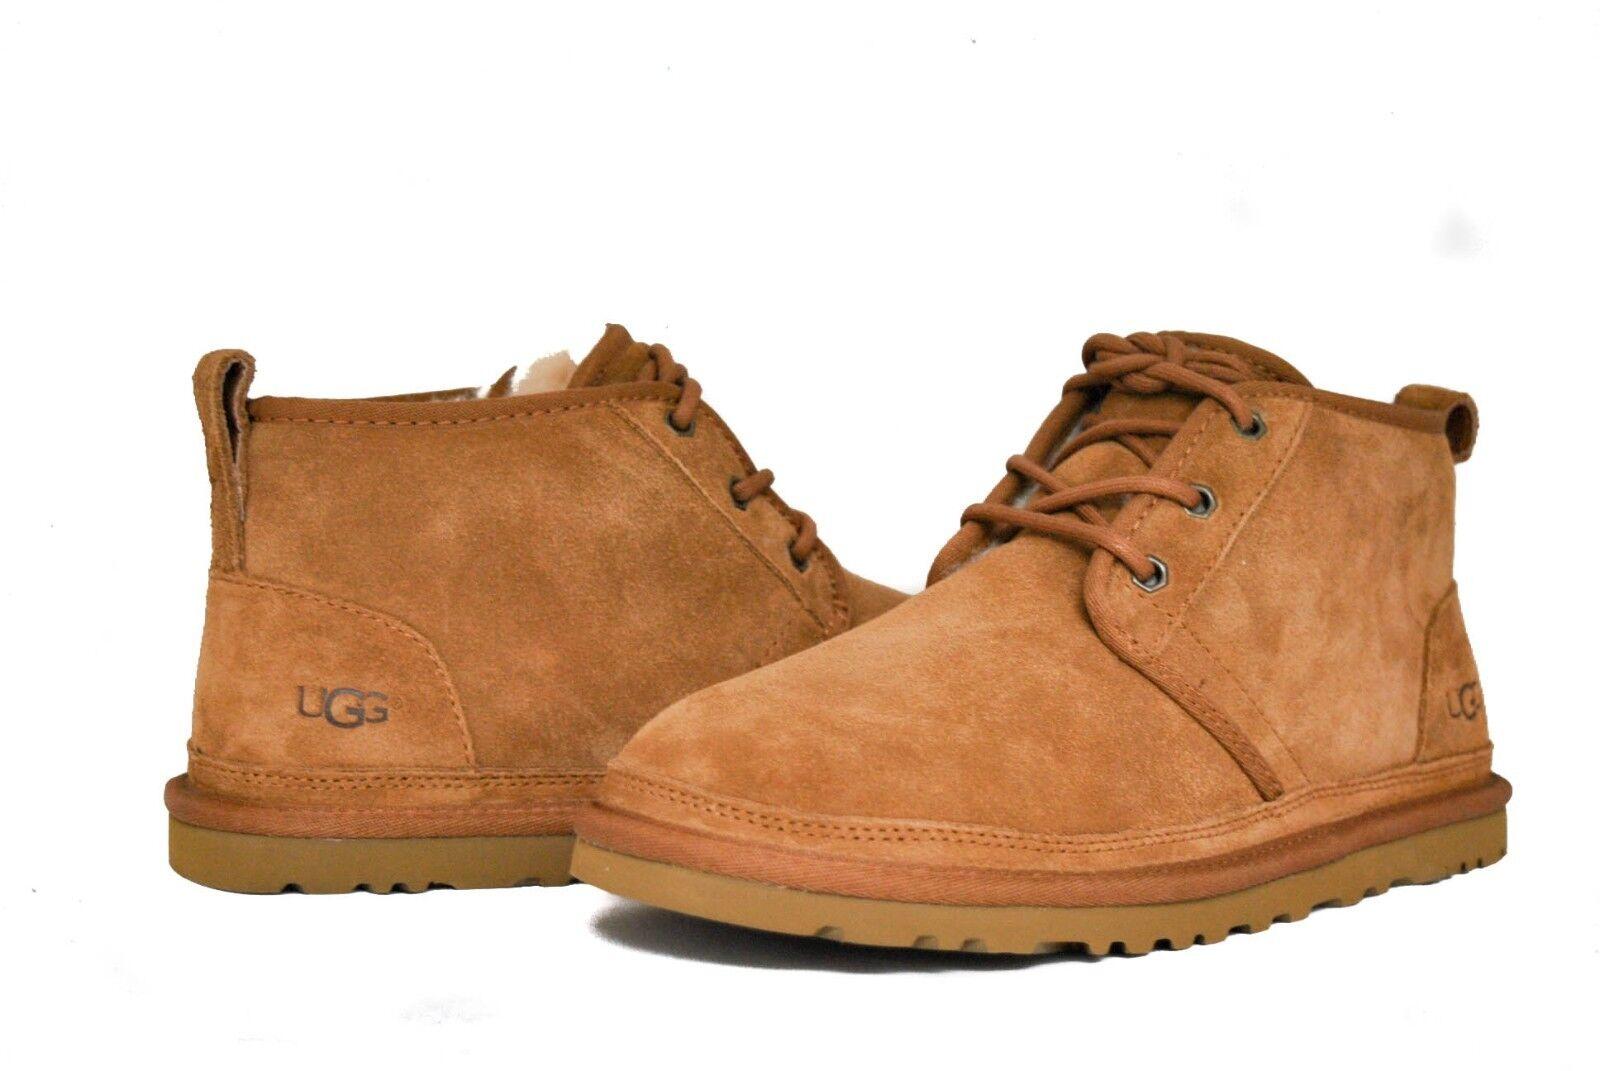 Boots - UGG Australia Men's Neumel 3236 Shoes Chestnut Suede NEW Sz 5-15